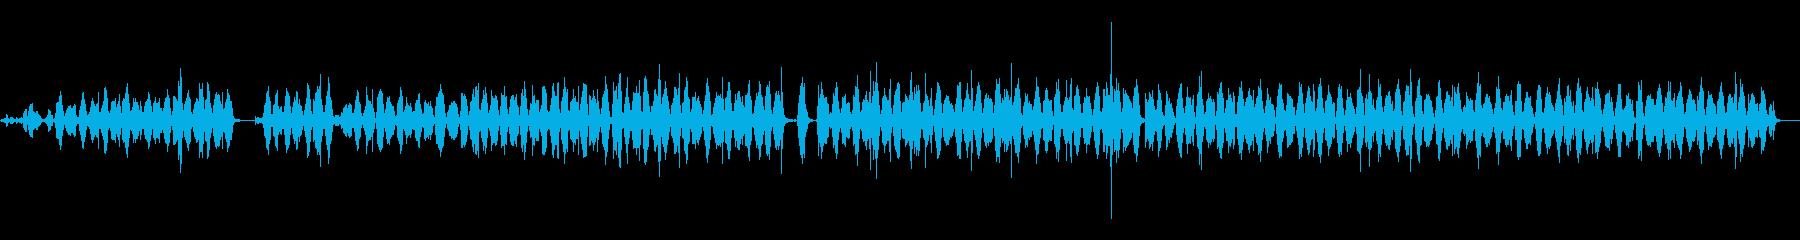 ハックソー:金属ソーの切断の再生済みの波形